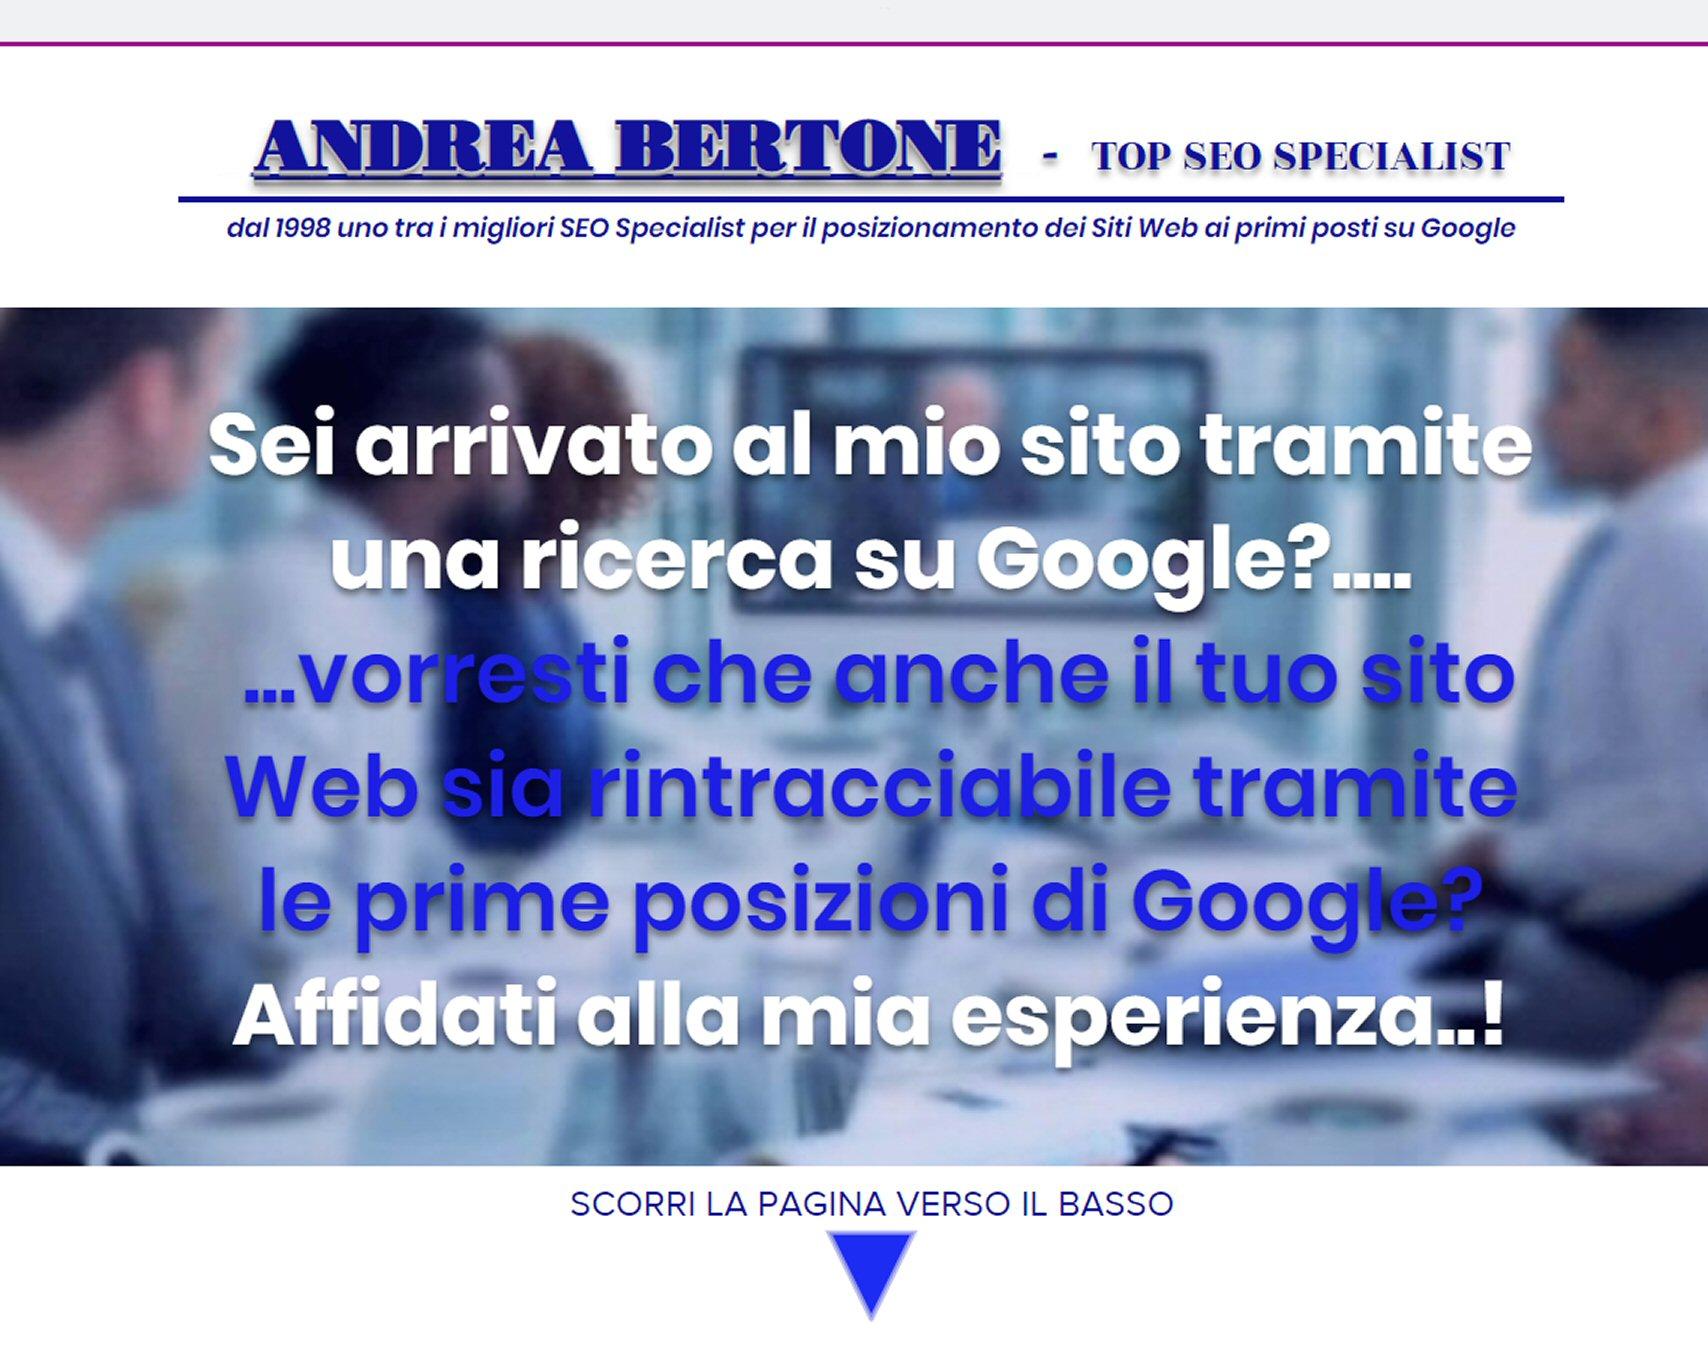 ANDREA BERTONE CONSULENTE SEO MILANO